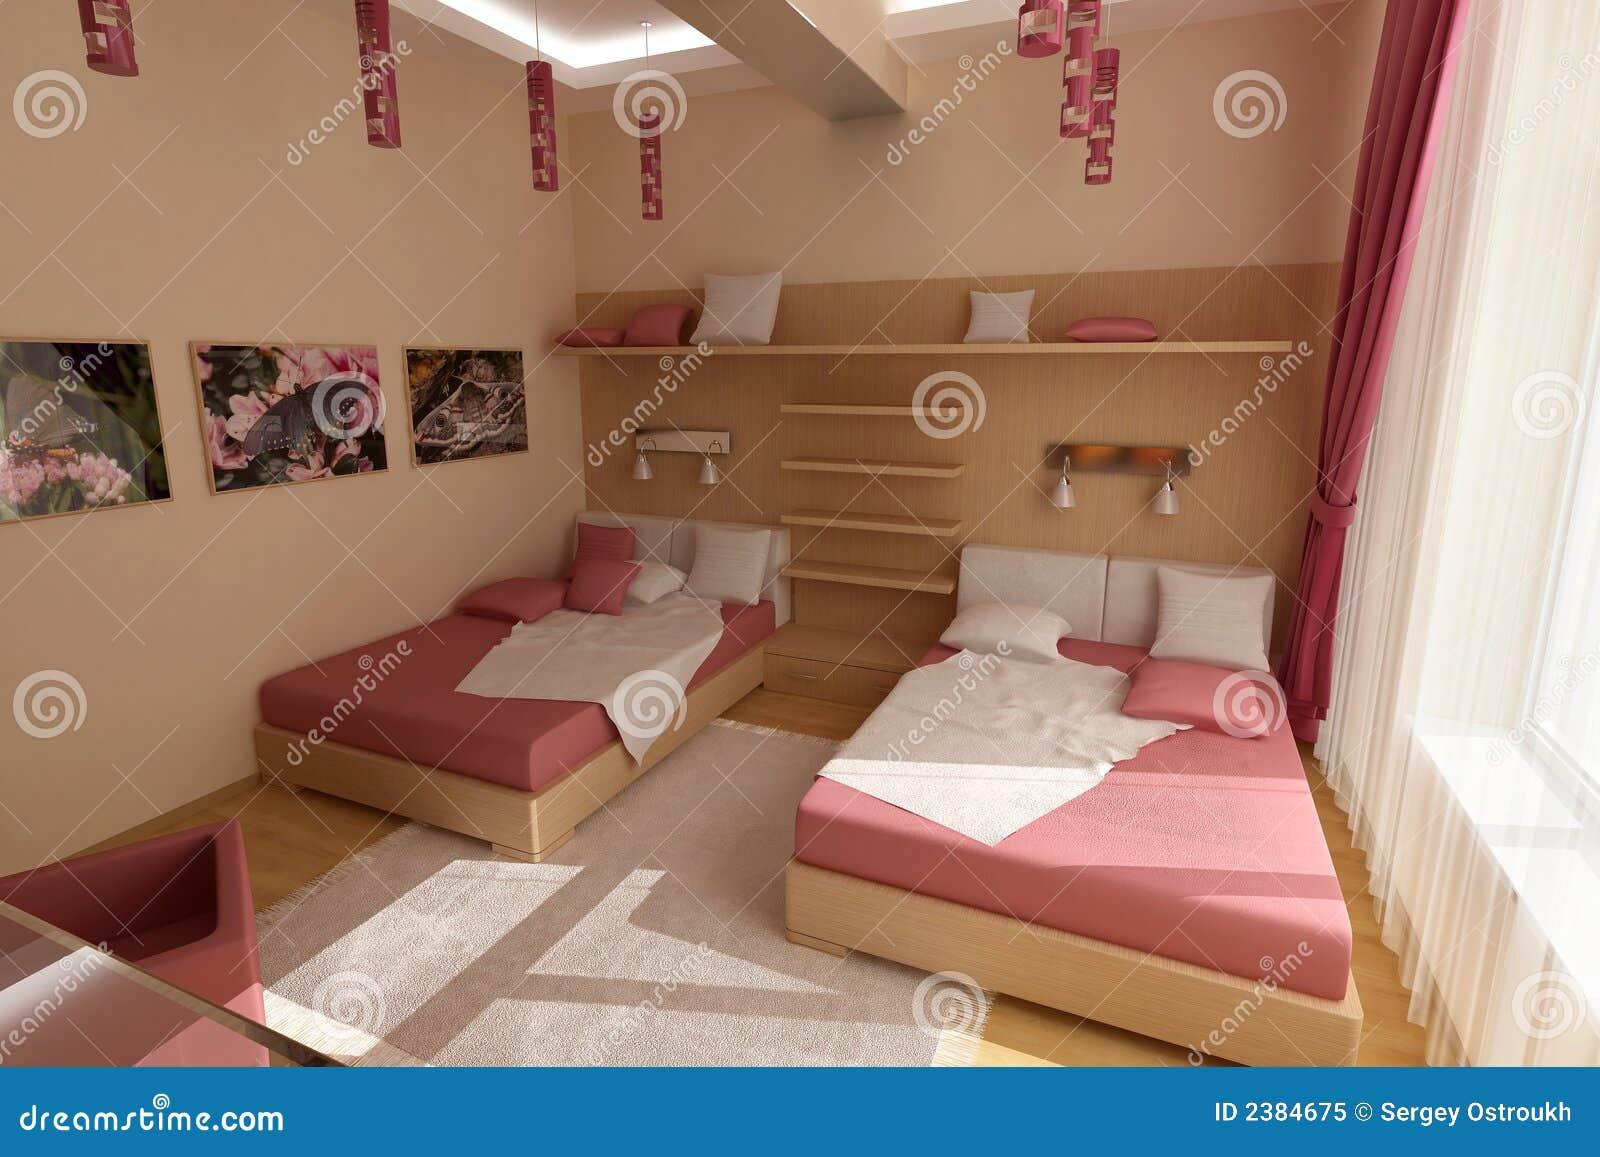 Gele Slaapkamer : Roze Slaapkamer Royalty-vrije Stock Foto ...